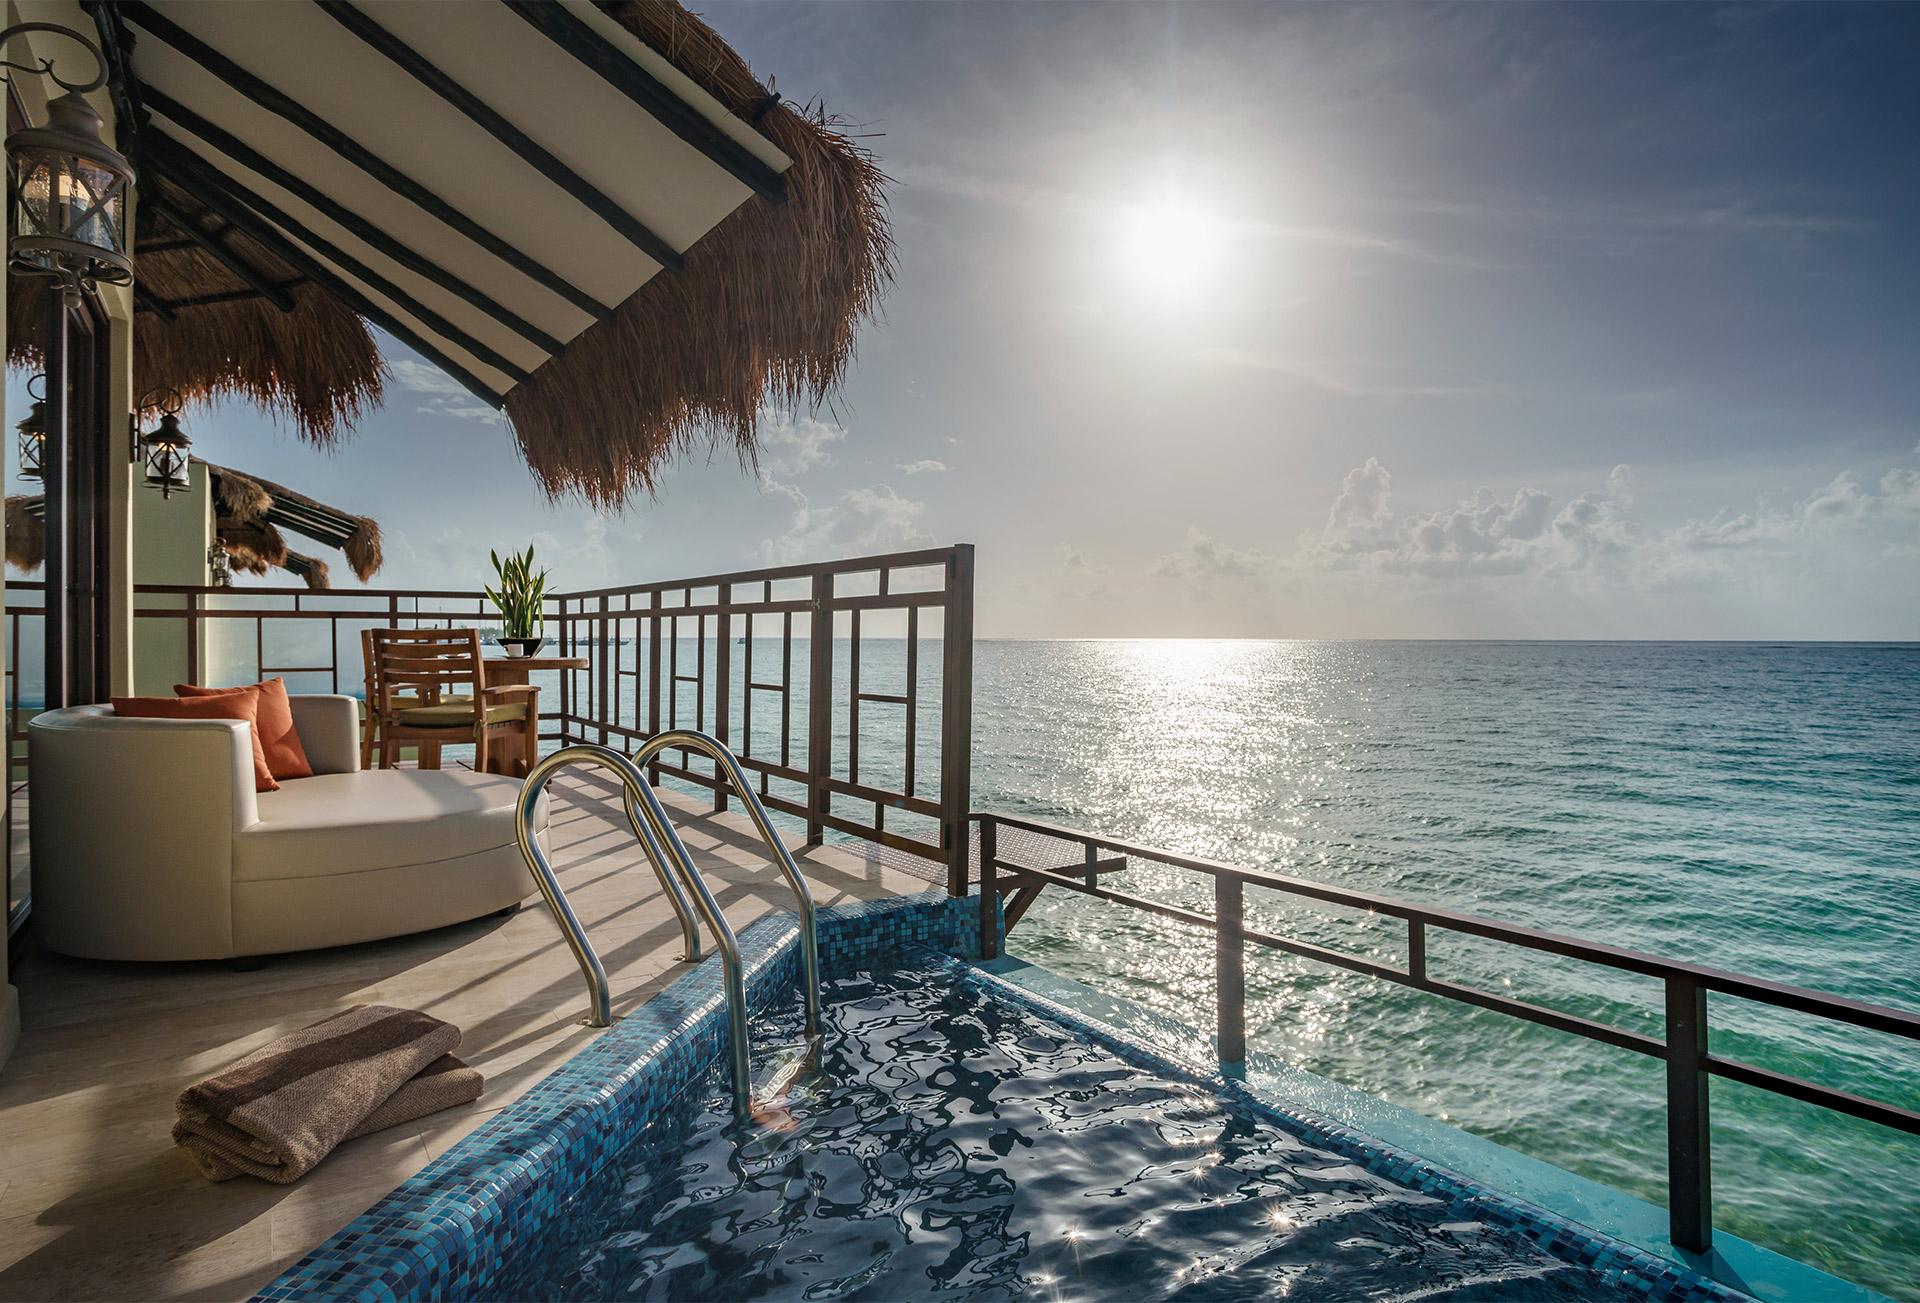 10 hoteles en México con habitaciones rodeadas de agua (tienen acceso directo a la piscina o el mar)